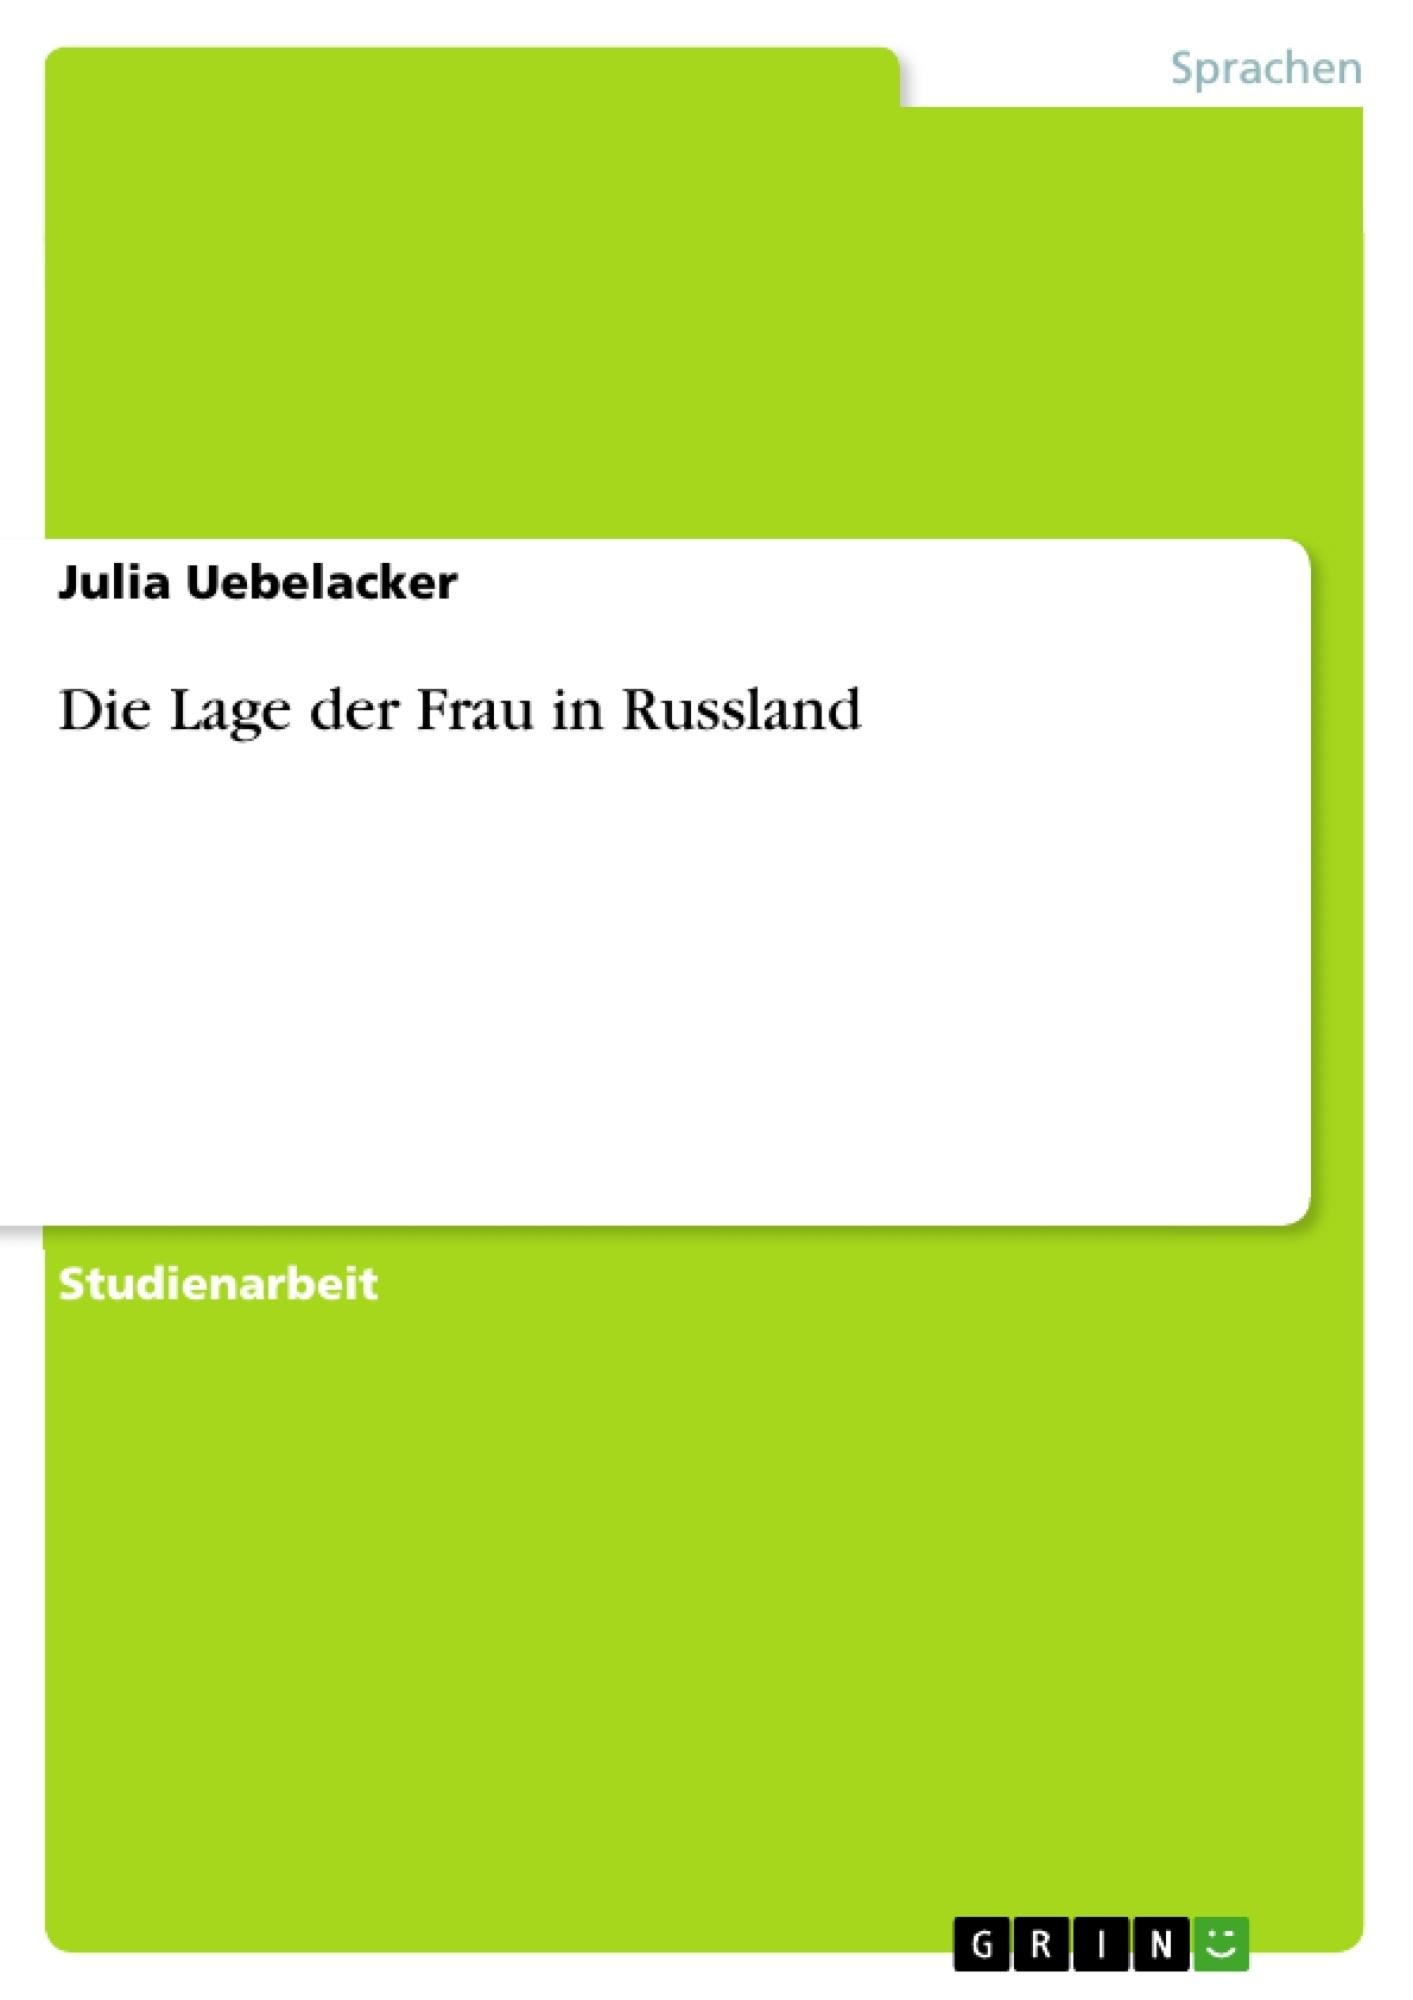 Titel: Die Lage der Frau in Russland